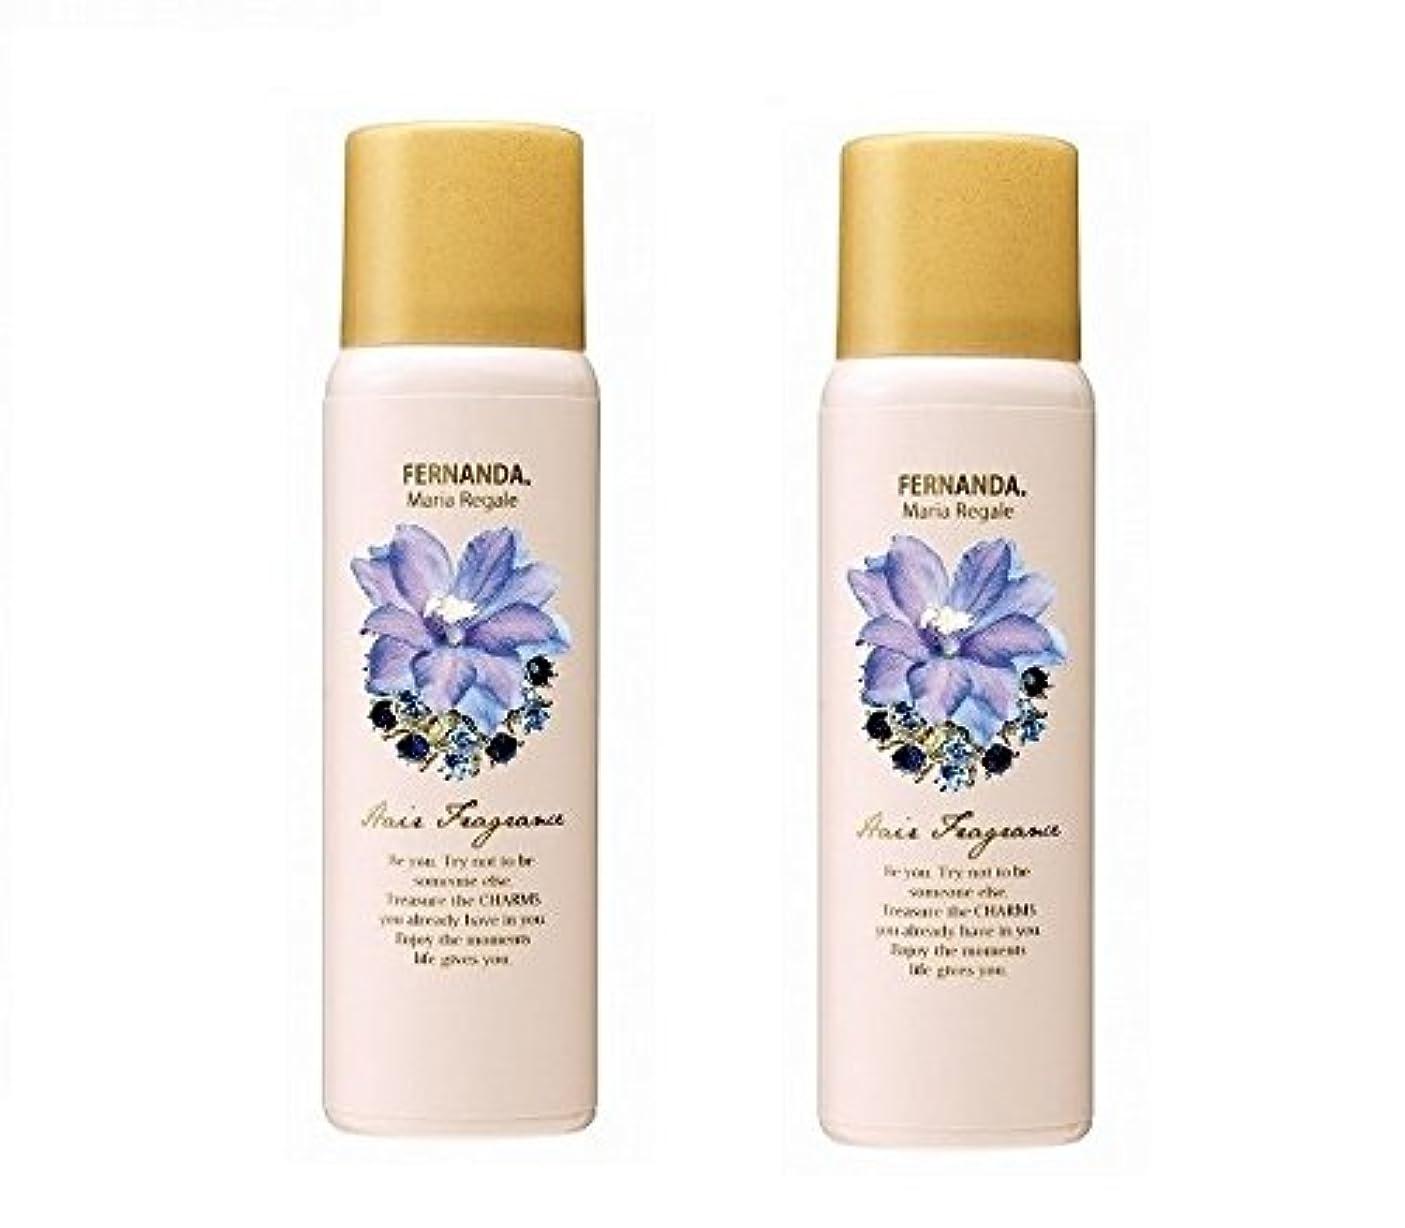 噴出するコテージ入札FERNANDA(フェルナンダ) Hair Fragrance Maria Regale (ヘアー フレグランス マリアリゲル)×2個セット